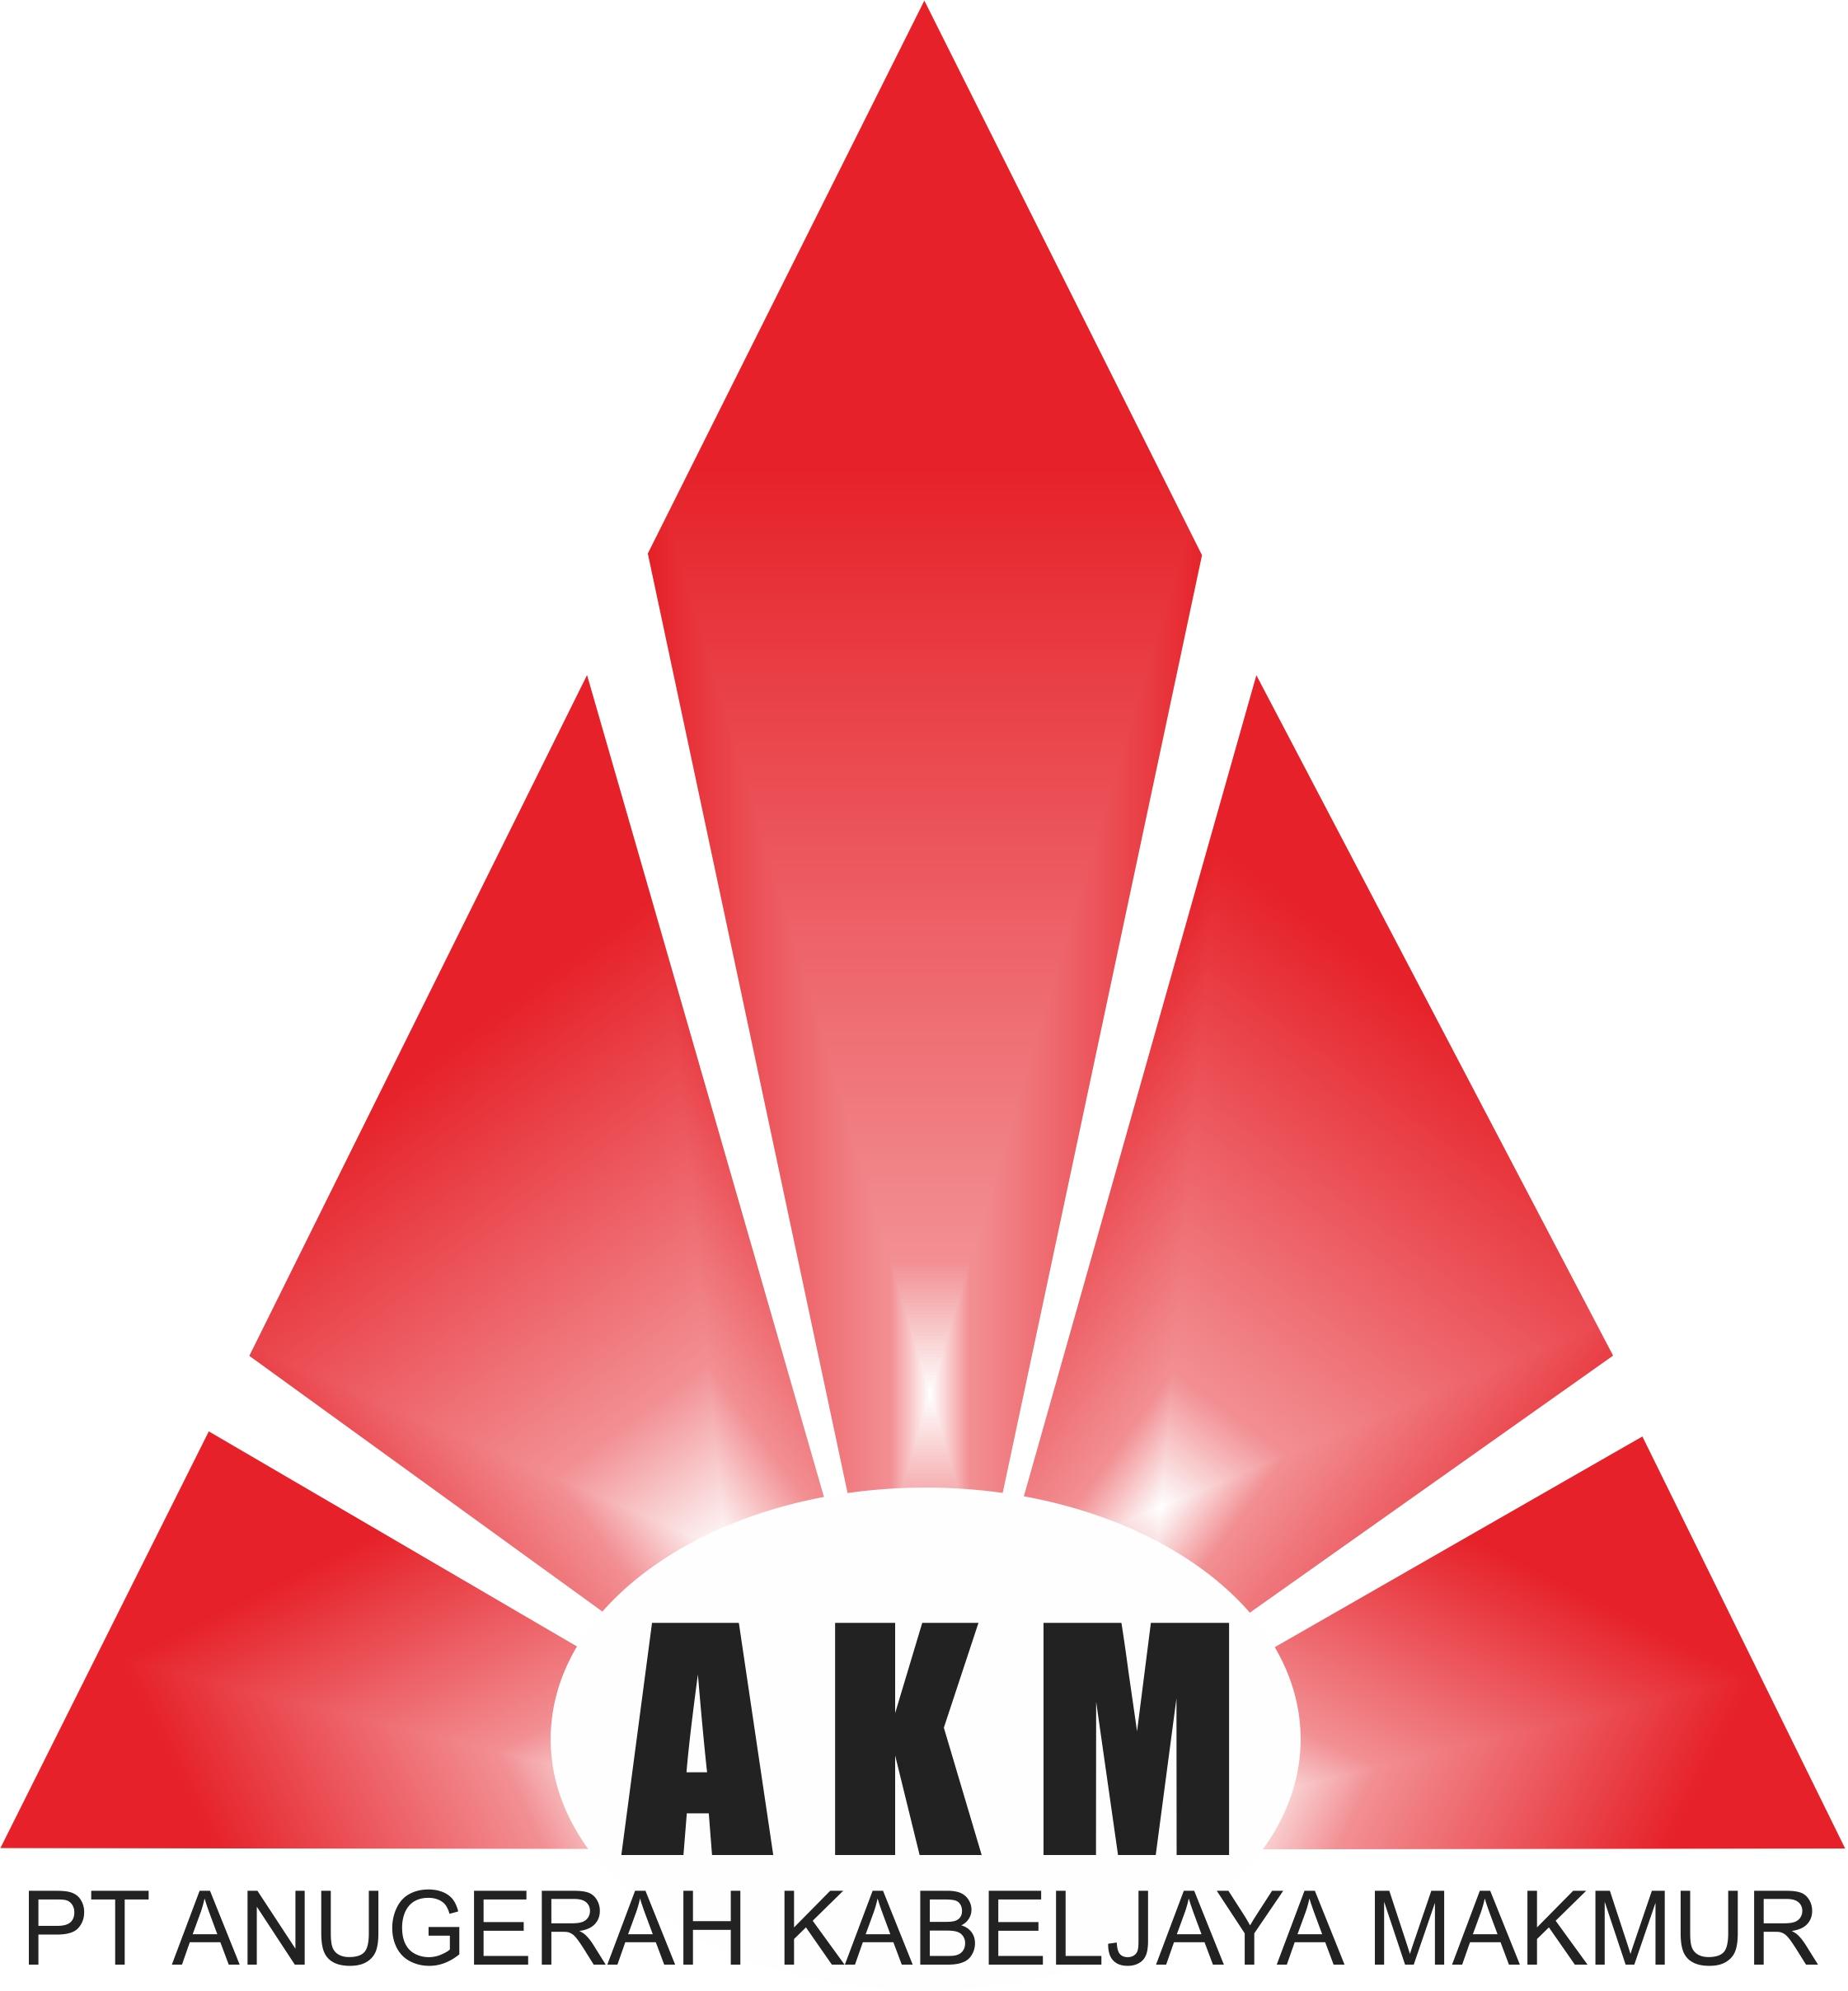 PT Anugerah Kabeljaya Makmur